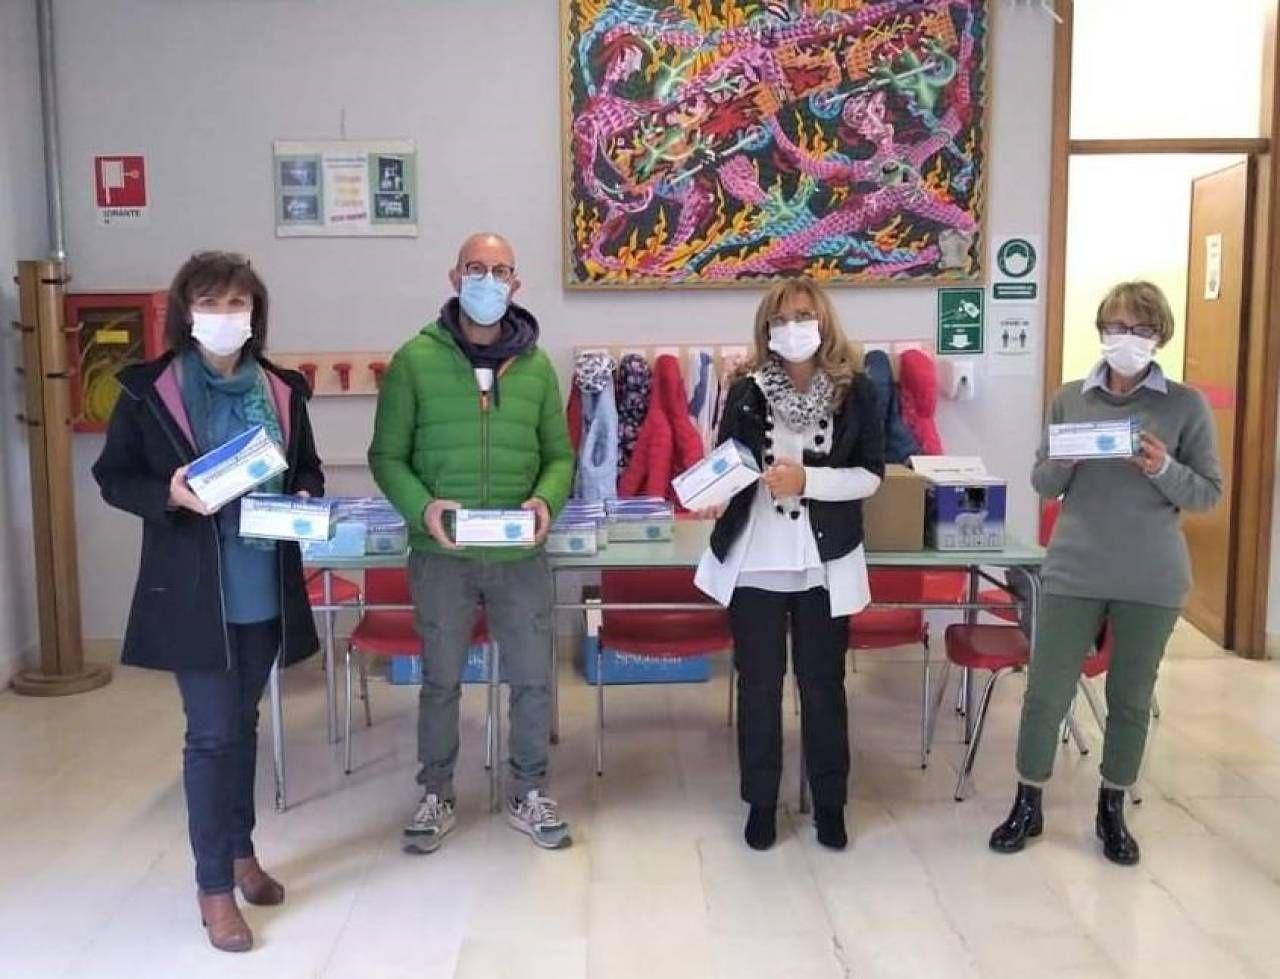 La donazione di mascherine e igienizzanti alla scuola